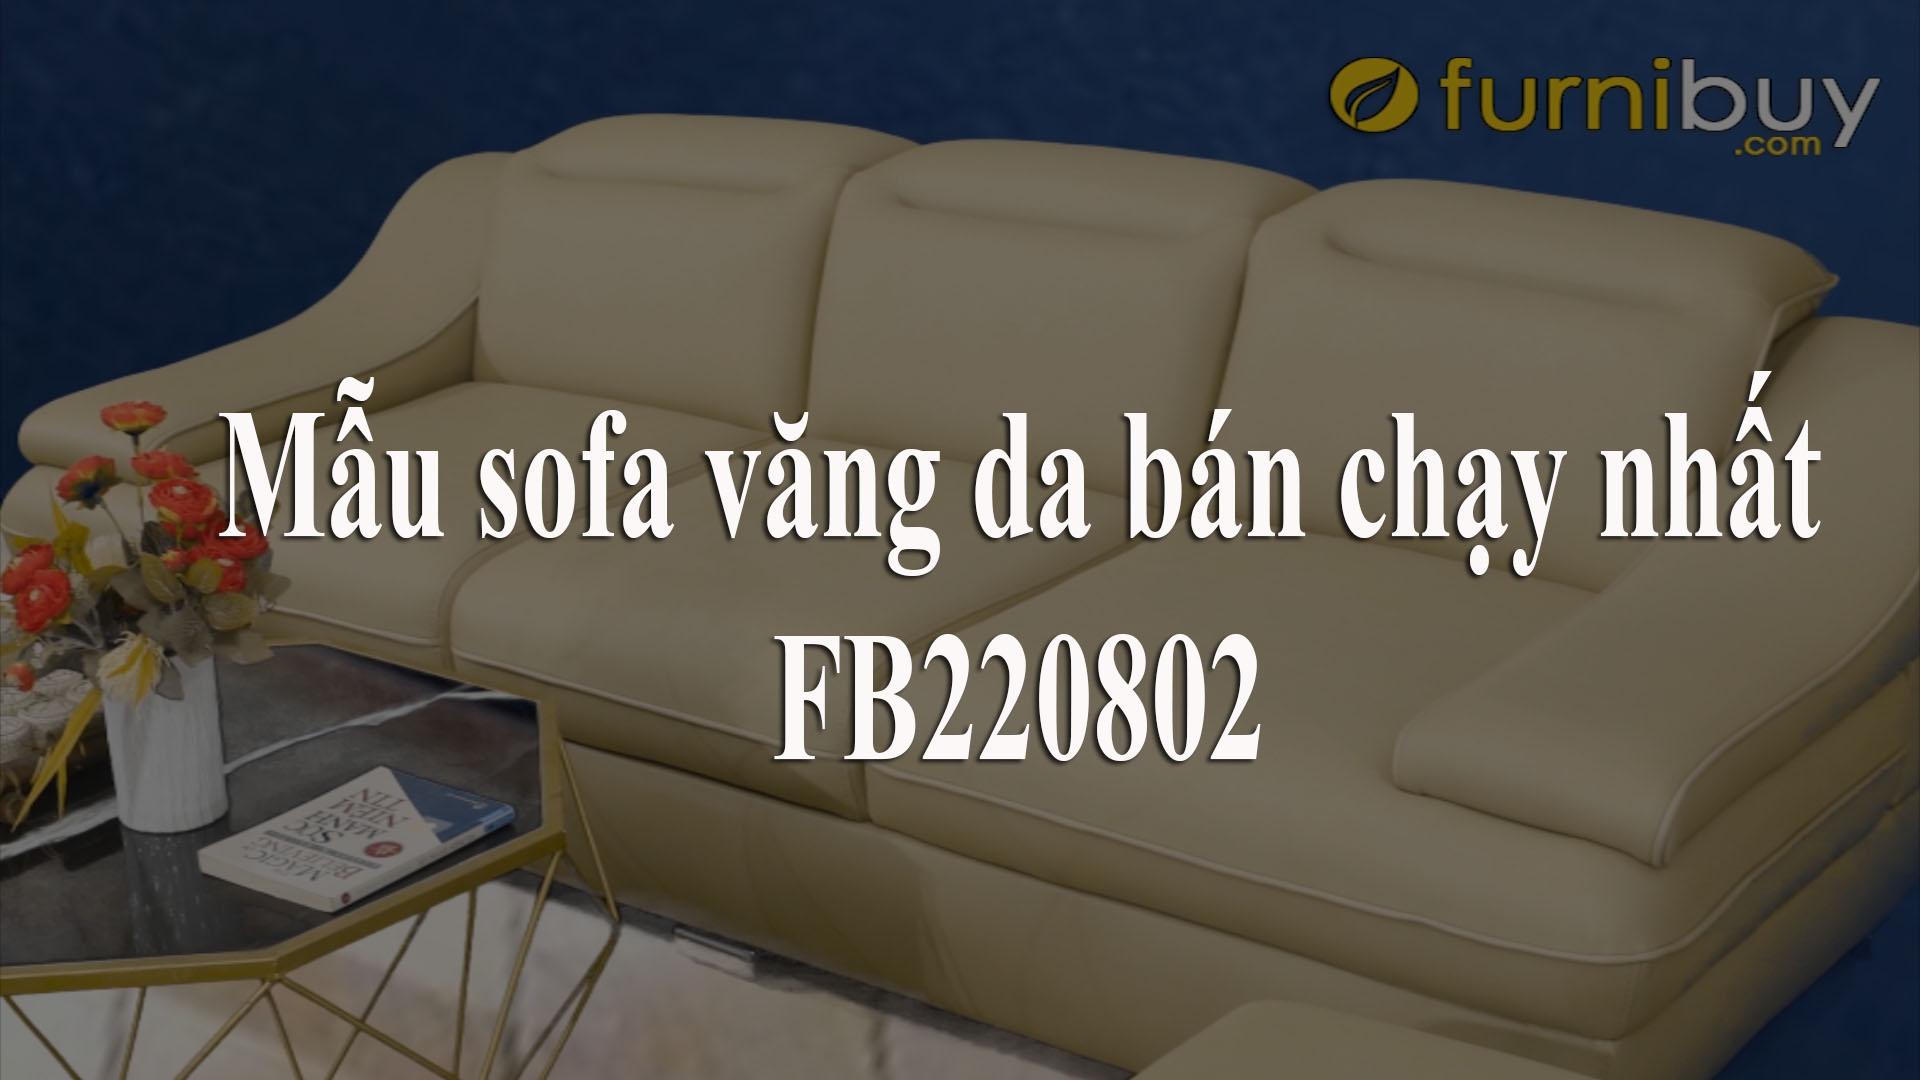 Văng da 3 chỗ ngồi cho phòng khách nhỏ FB 220802